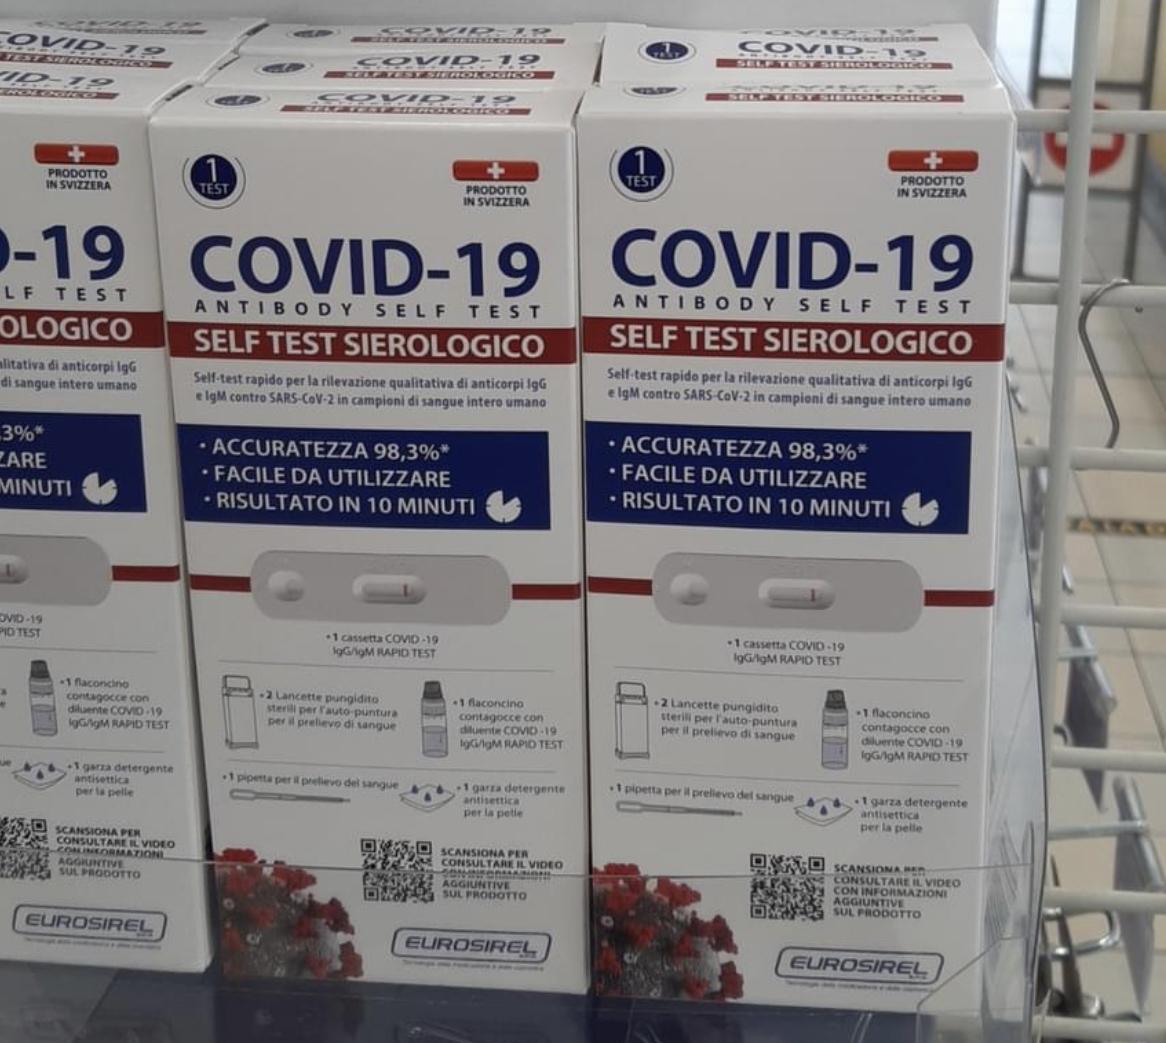 Covid: all'Eurospin arriva il test sierologico fai da te a 9.90. Ed è subito caccia